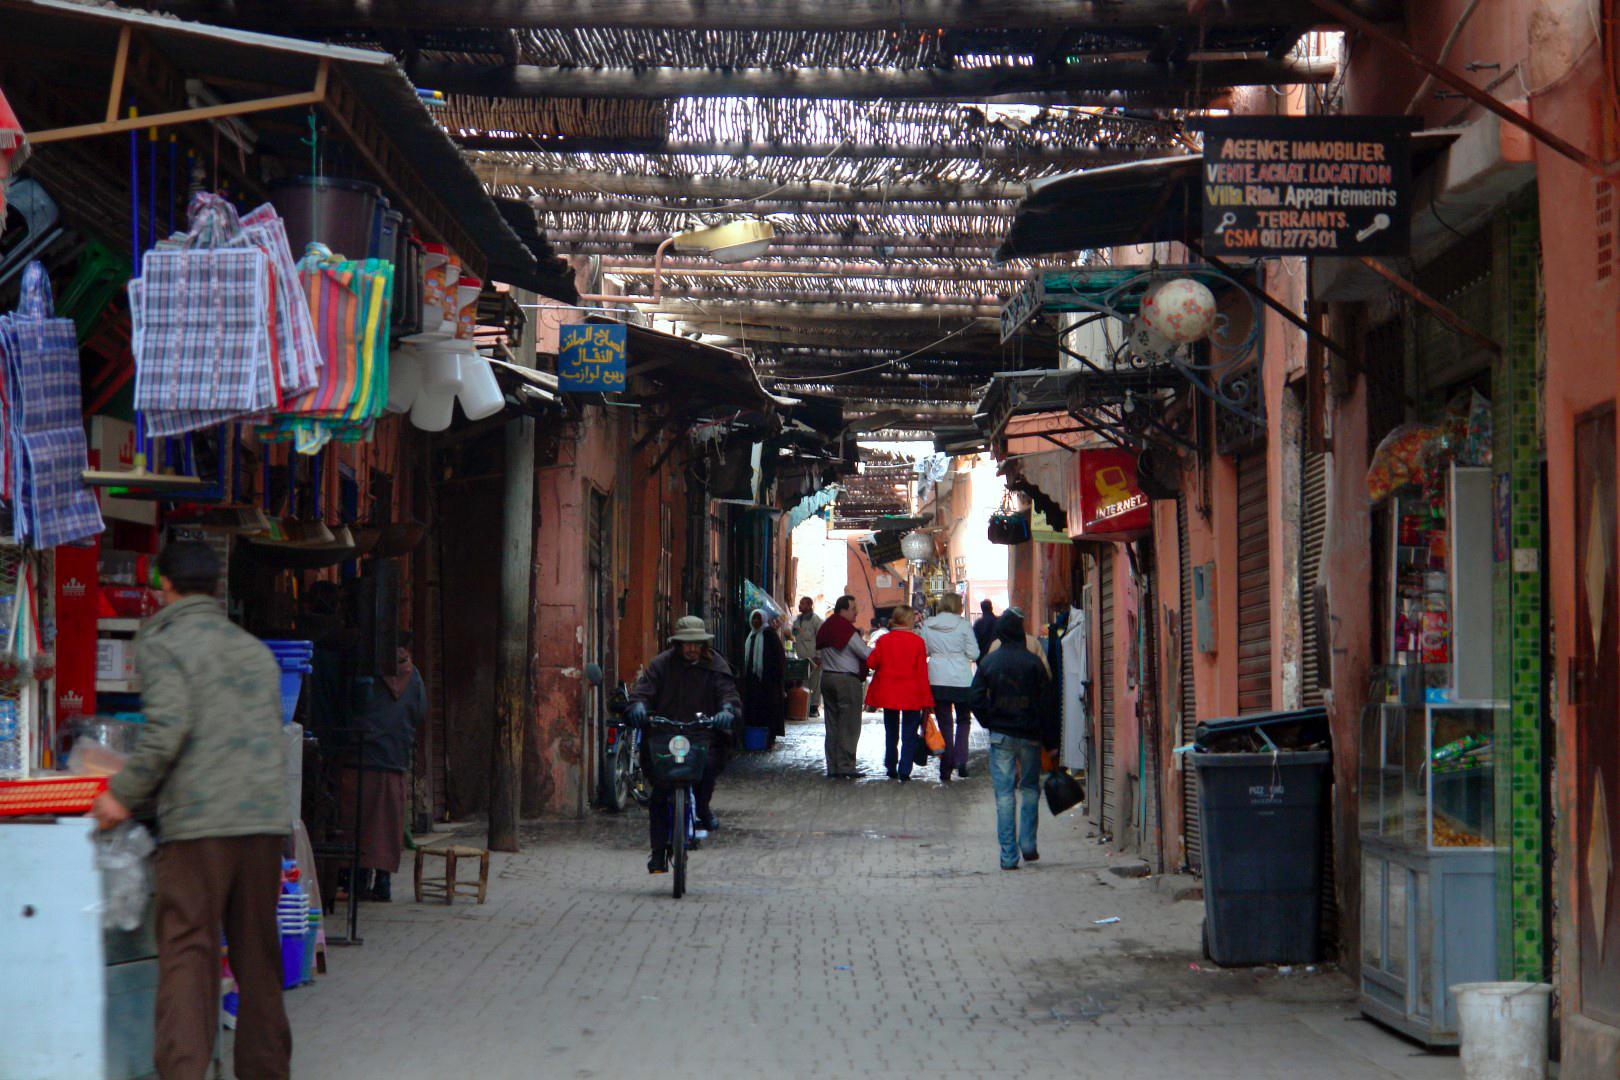 Qué ver en Marrakech, Marruecos - Morocco qué ver en marrakech - 31035422575 1e92c4cba0 o - Qué ver en Marrakech, Marruecos